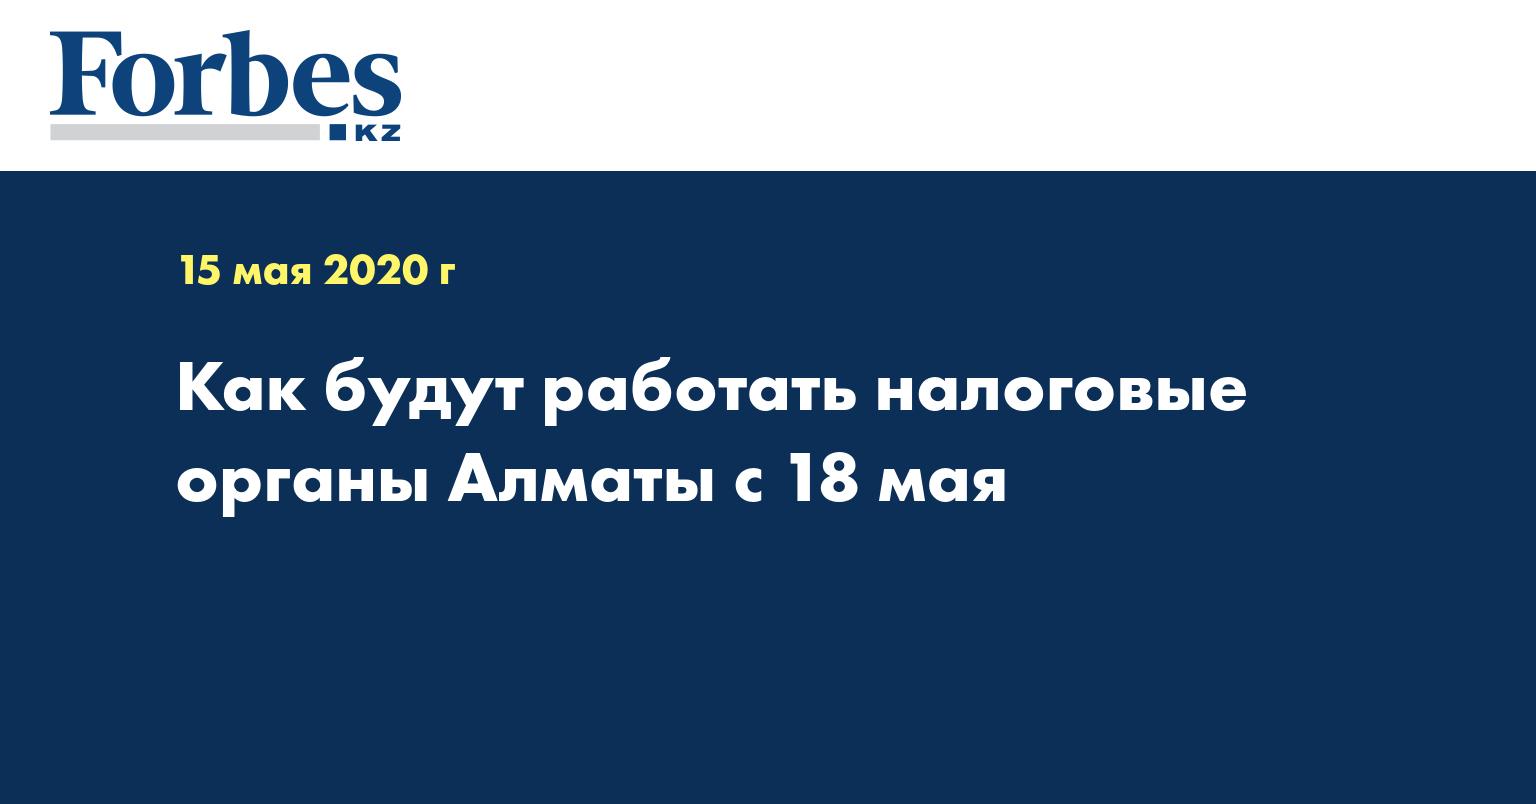 Как будут работать налоговые органы Алматы с 18 мая